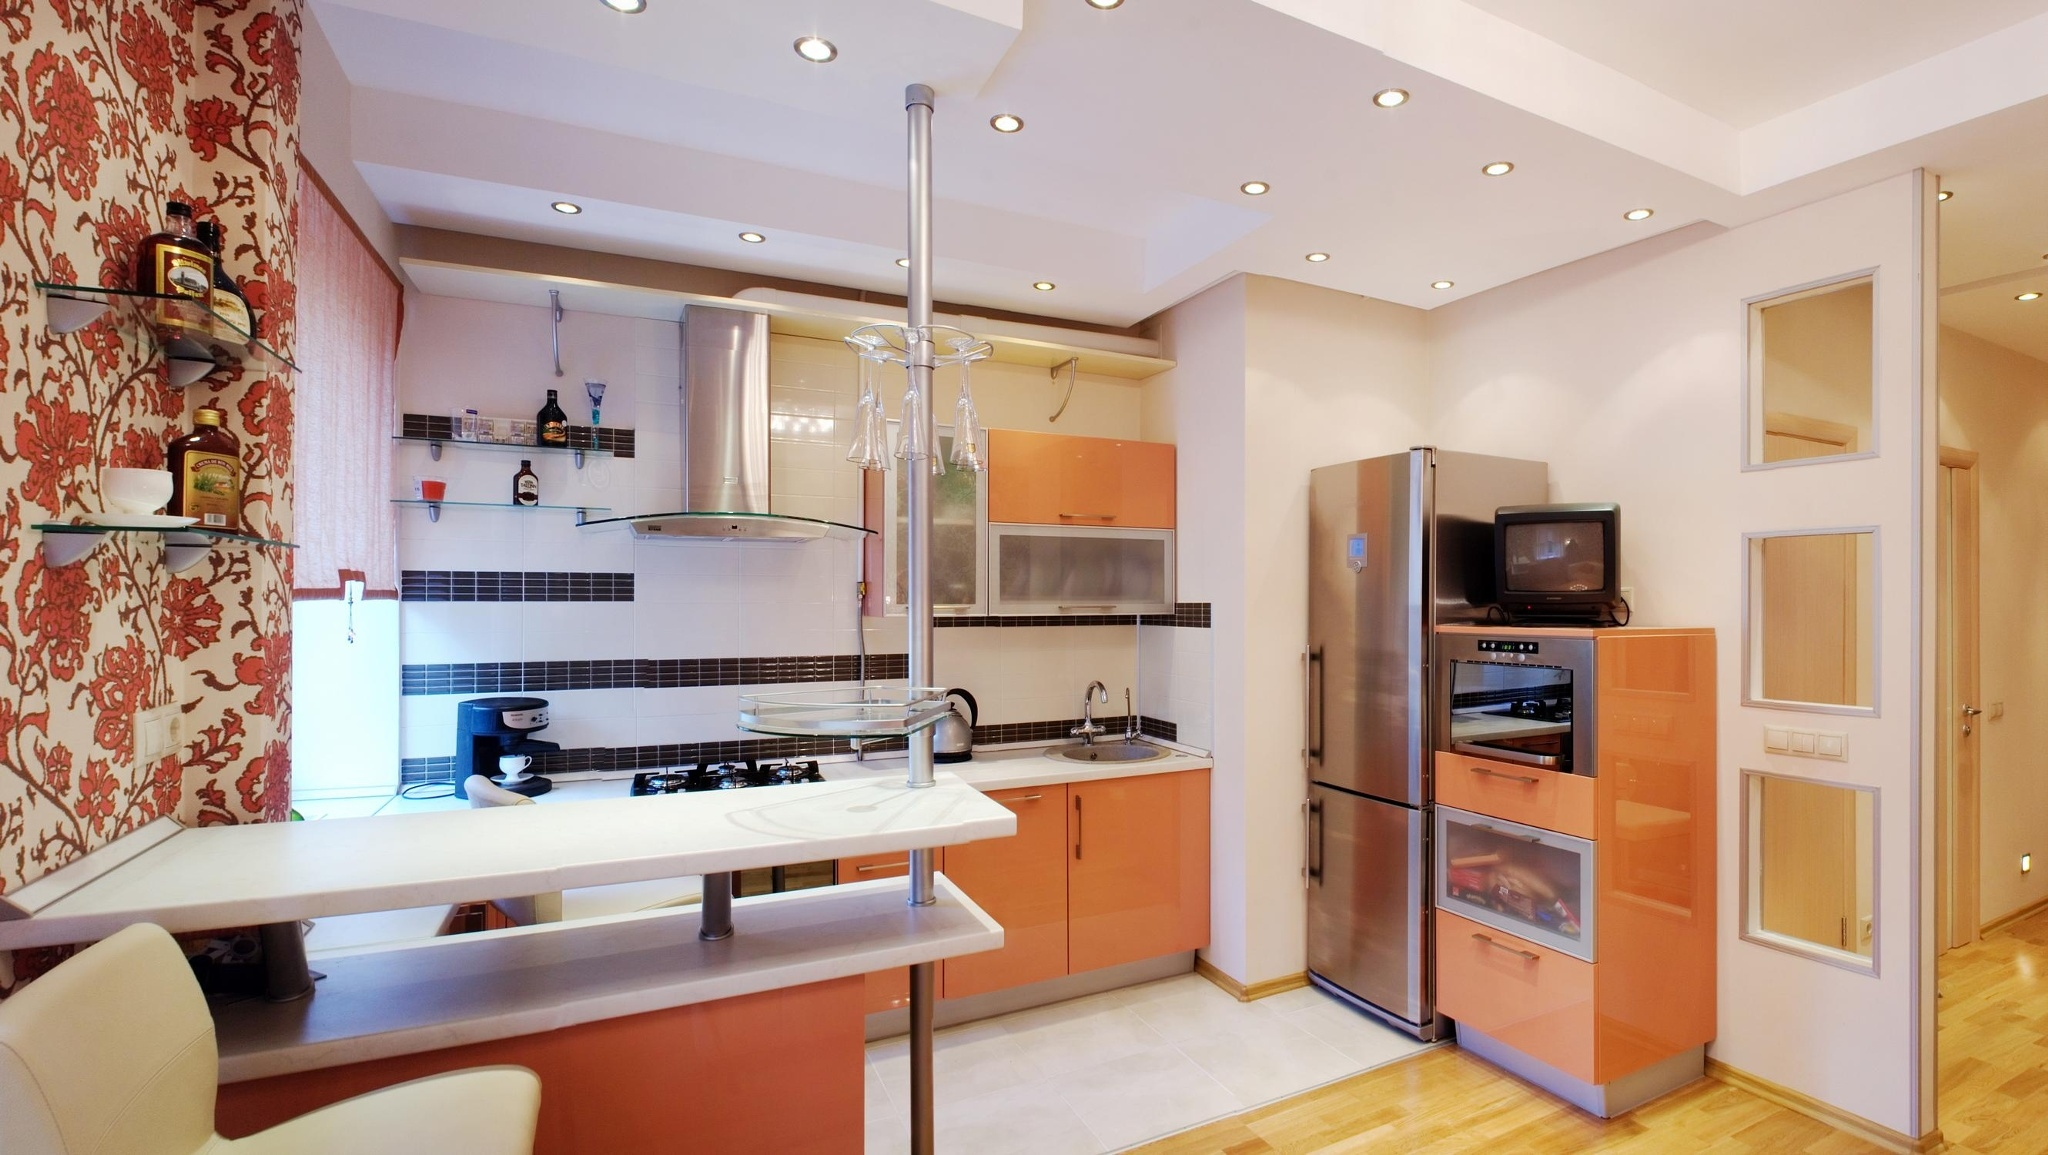 барная стойка в оранжевой кухни